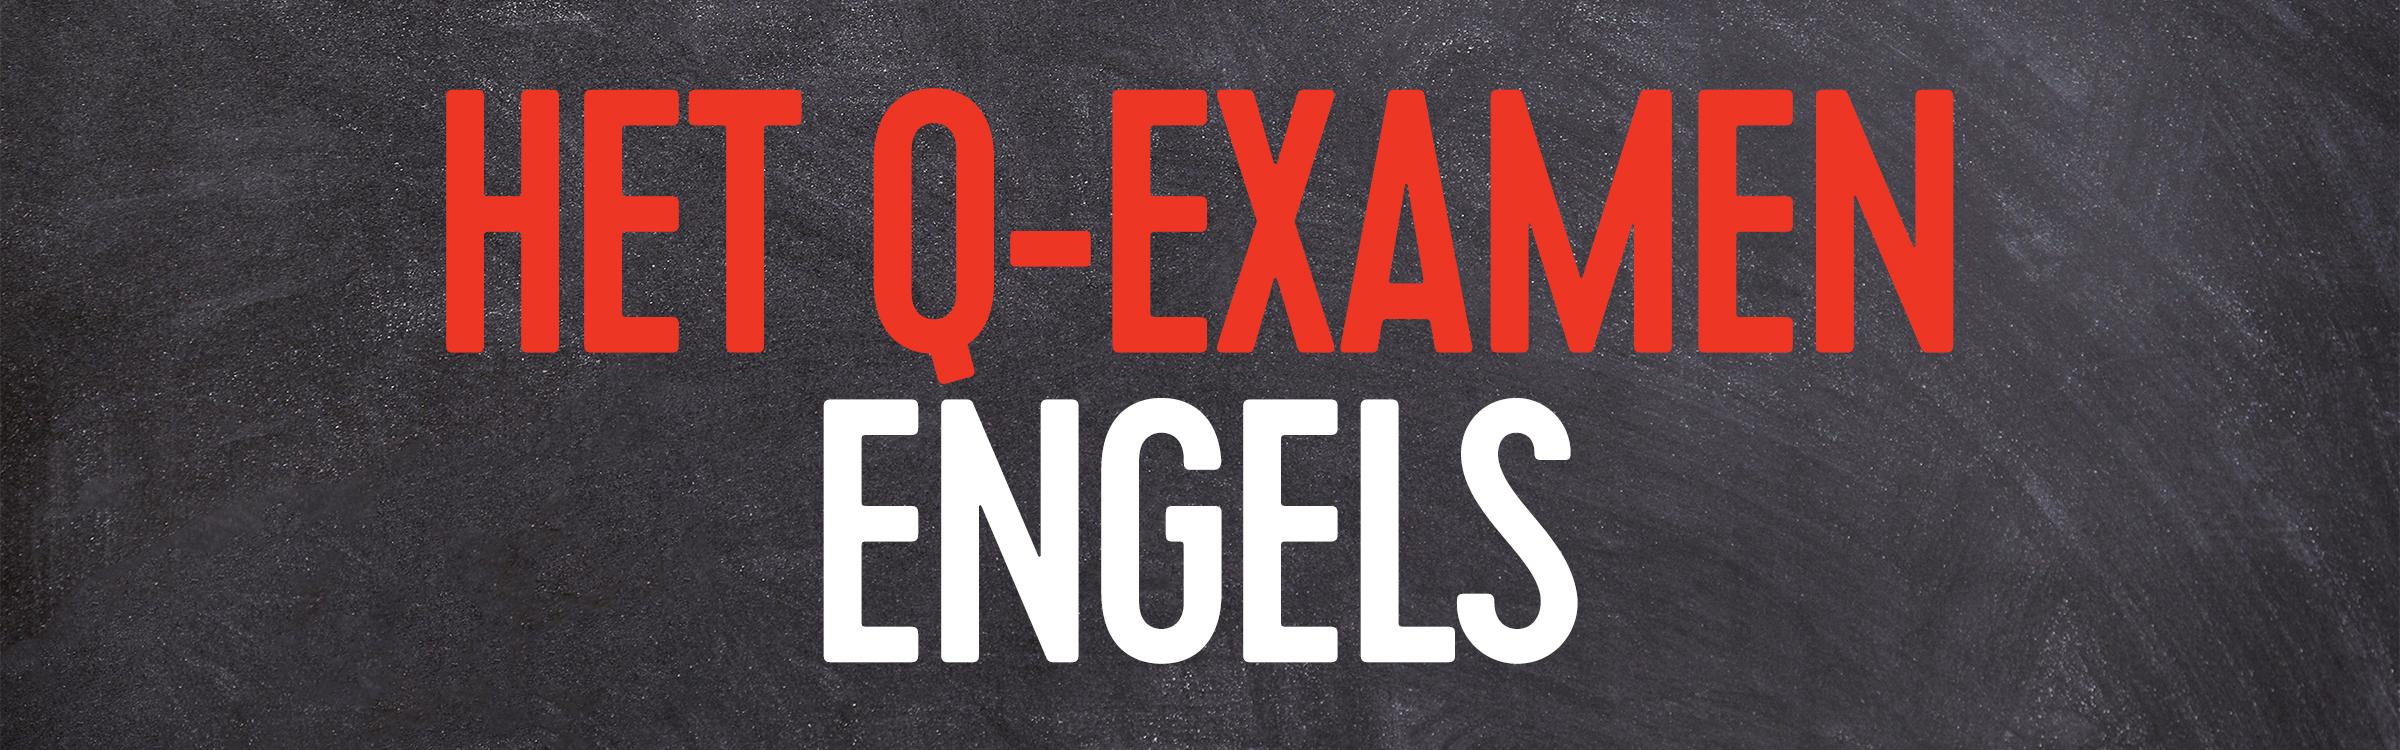 Q examen engels header